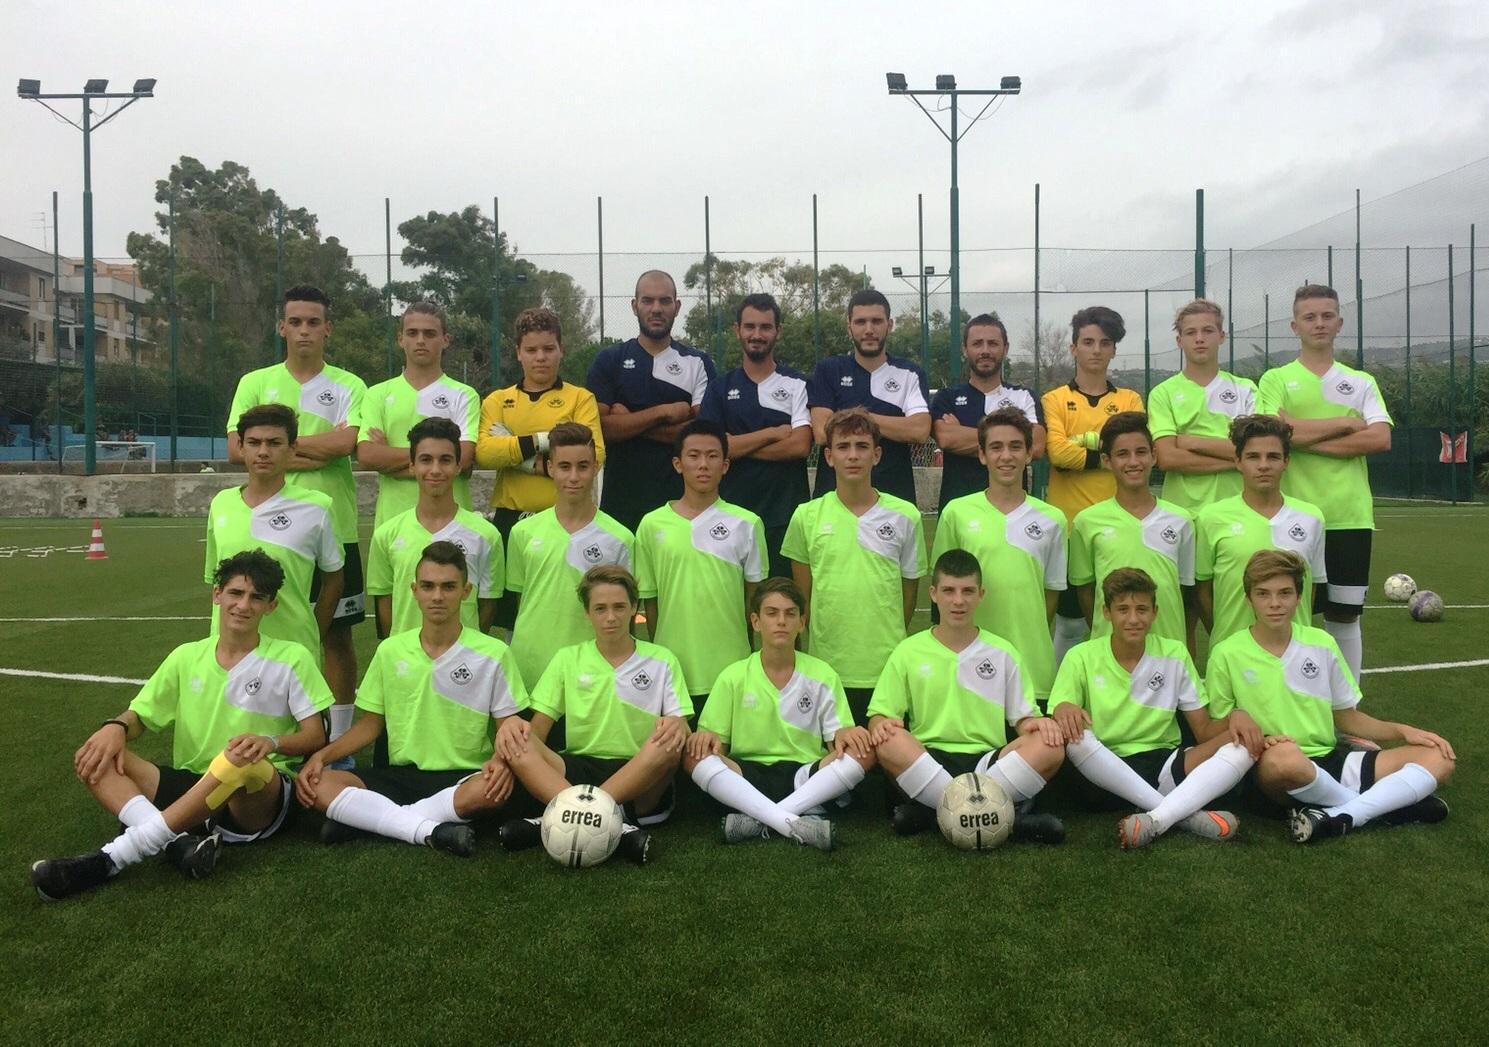 DLF Giovanissimi 2001_2016 (2)